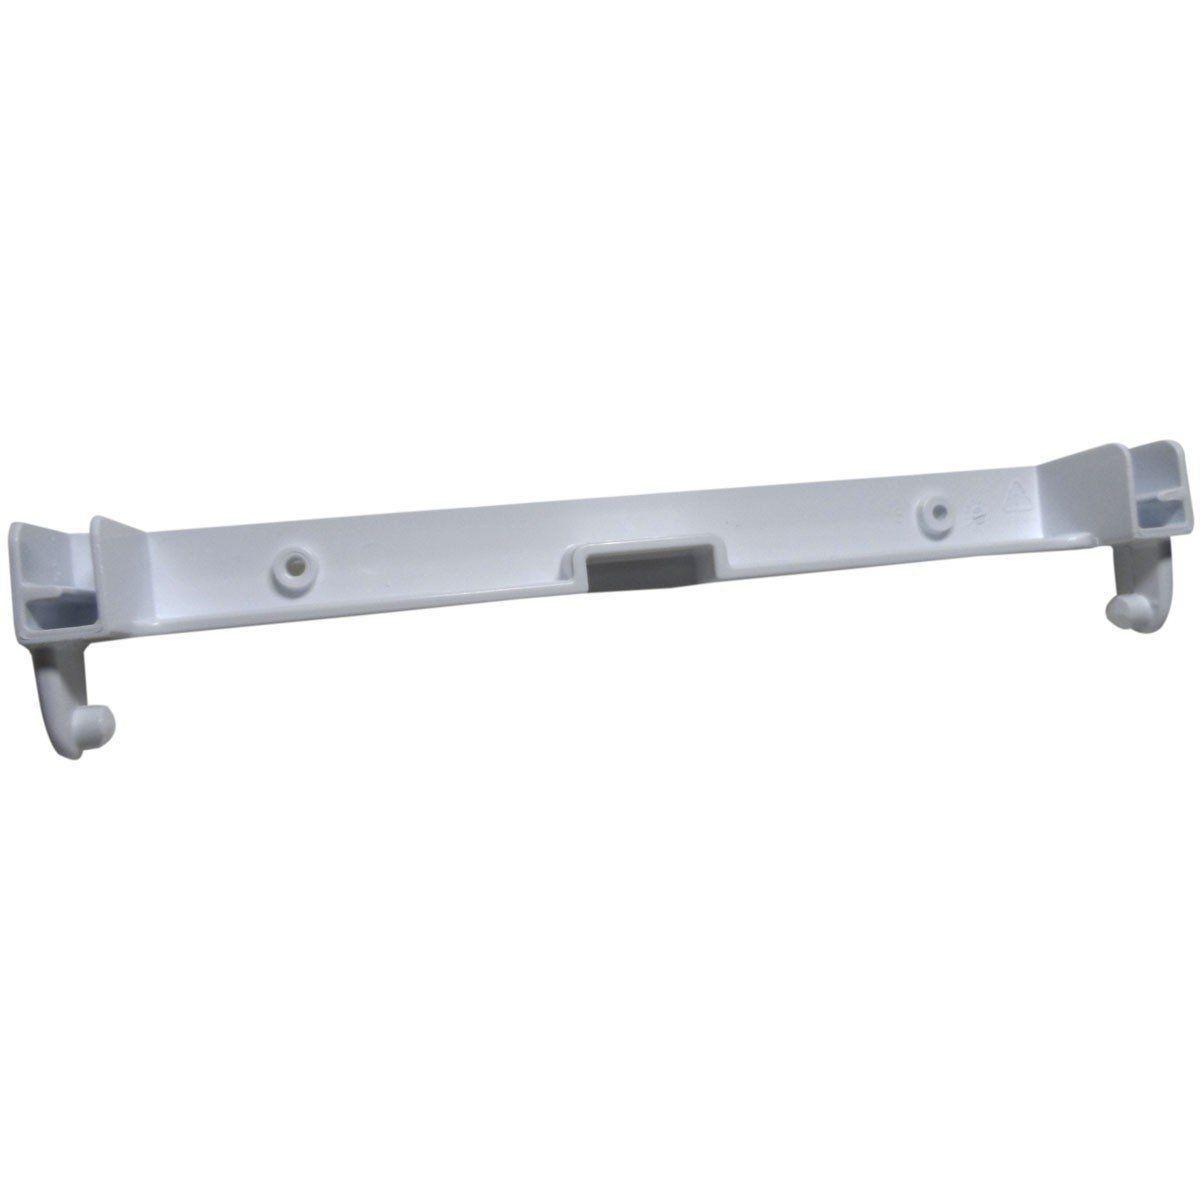 Suporte fixo Evaporador 1 porta Refrigerador electrolux 77490767/77492172